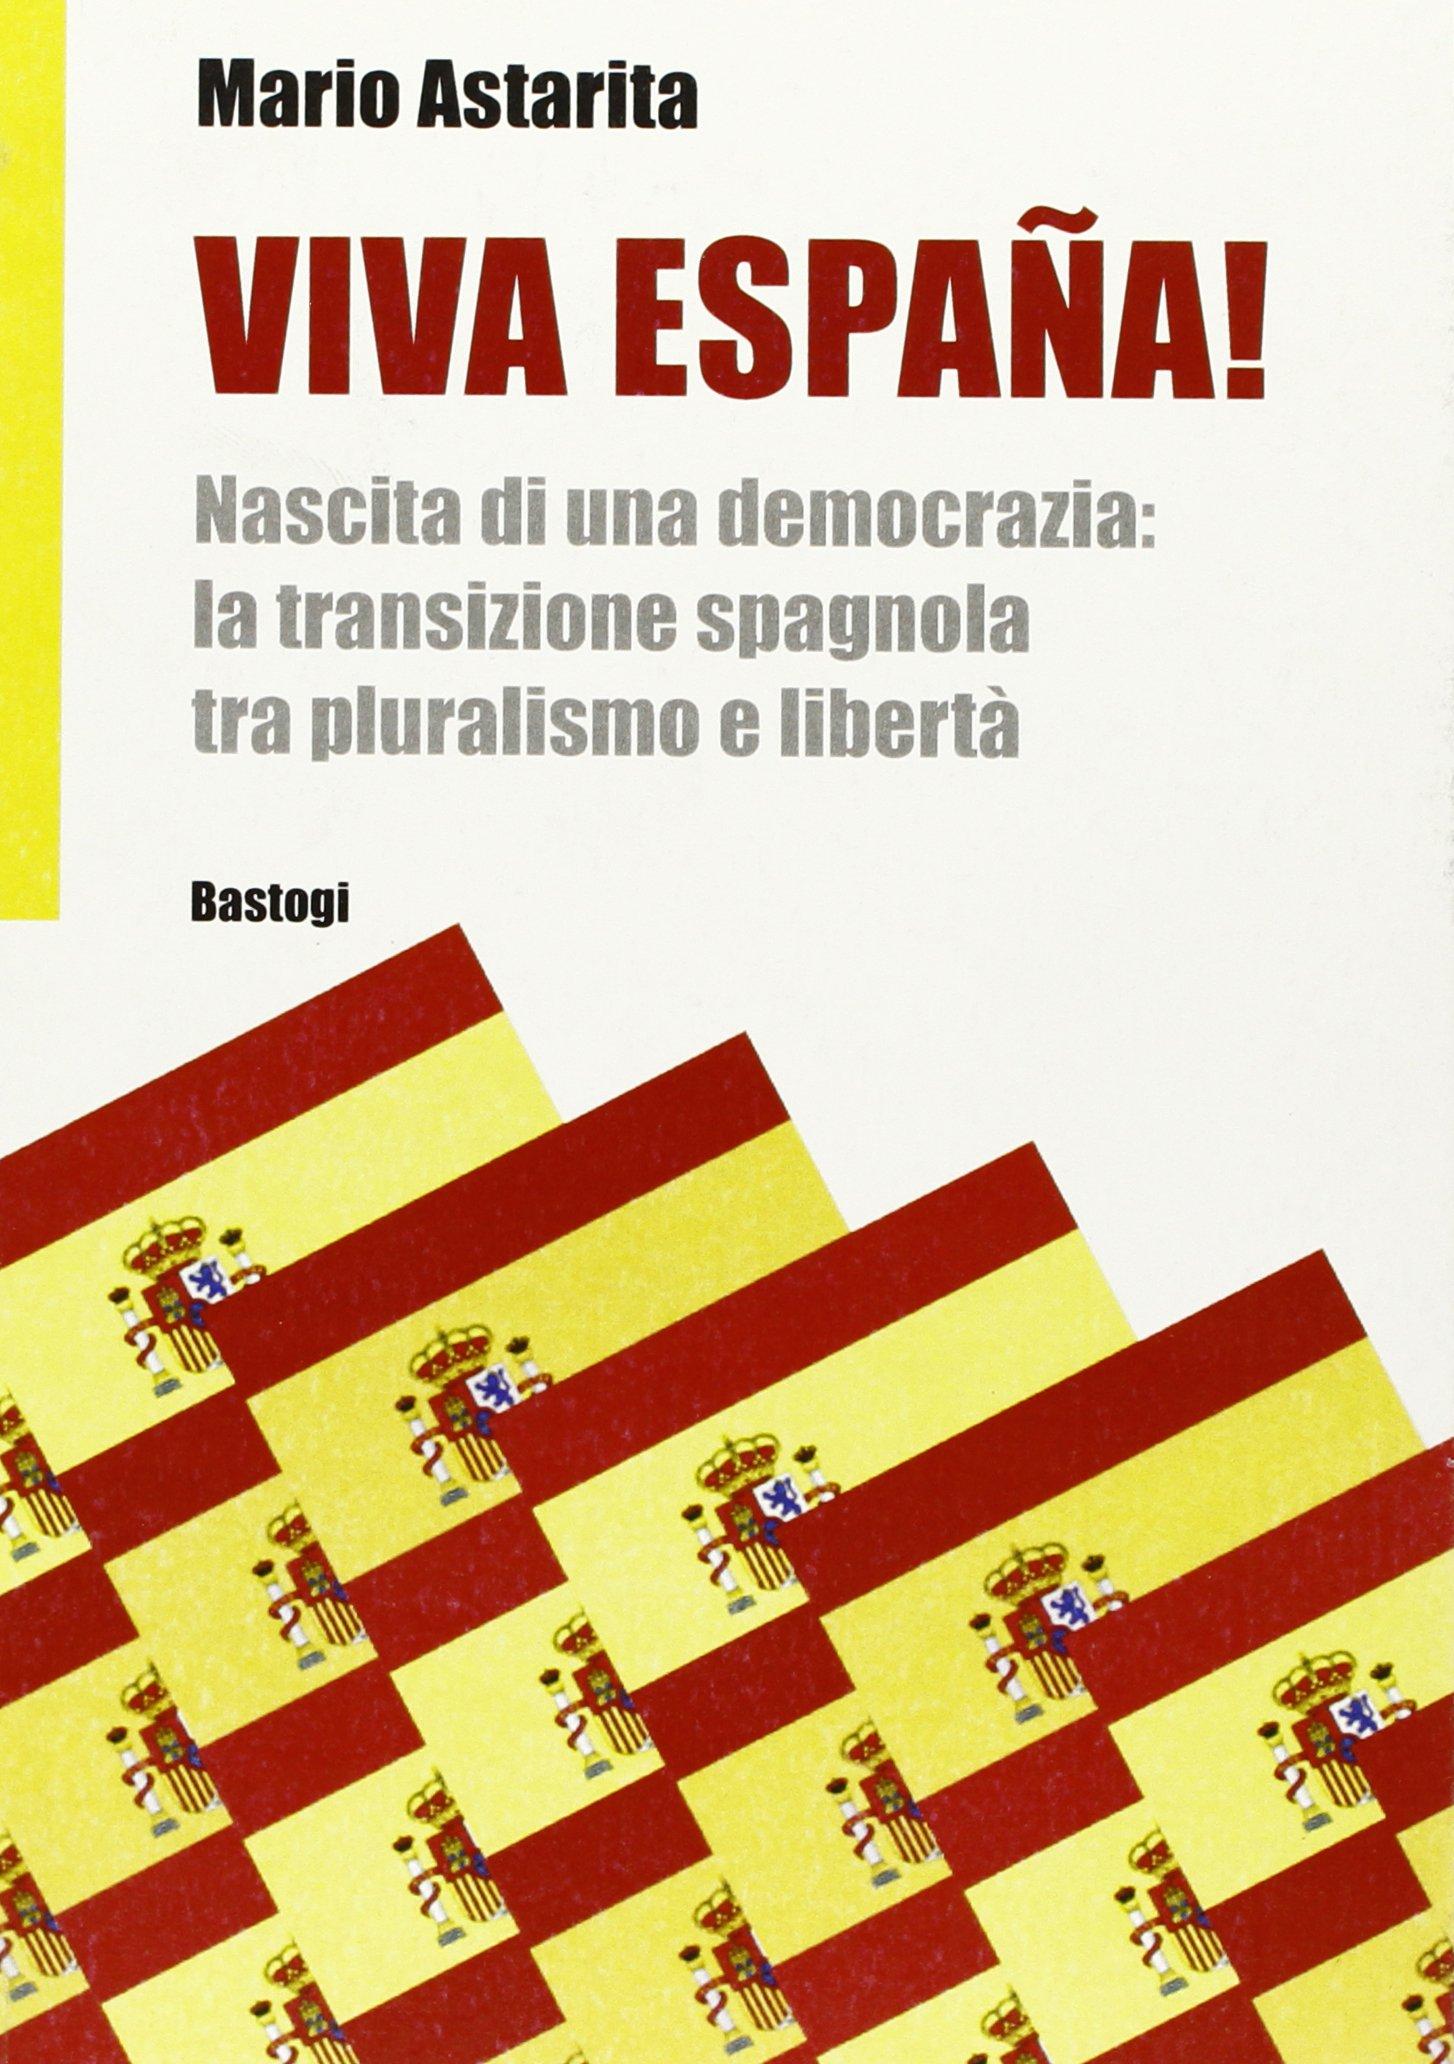 Viva España! Nascita di una democrazia: la transizione spagnola ...